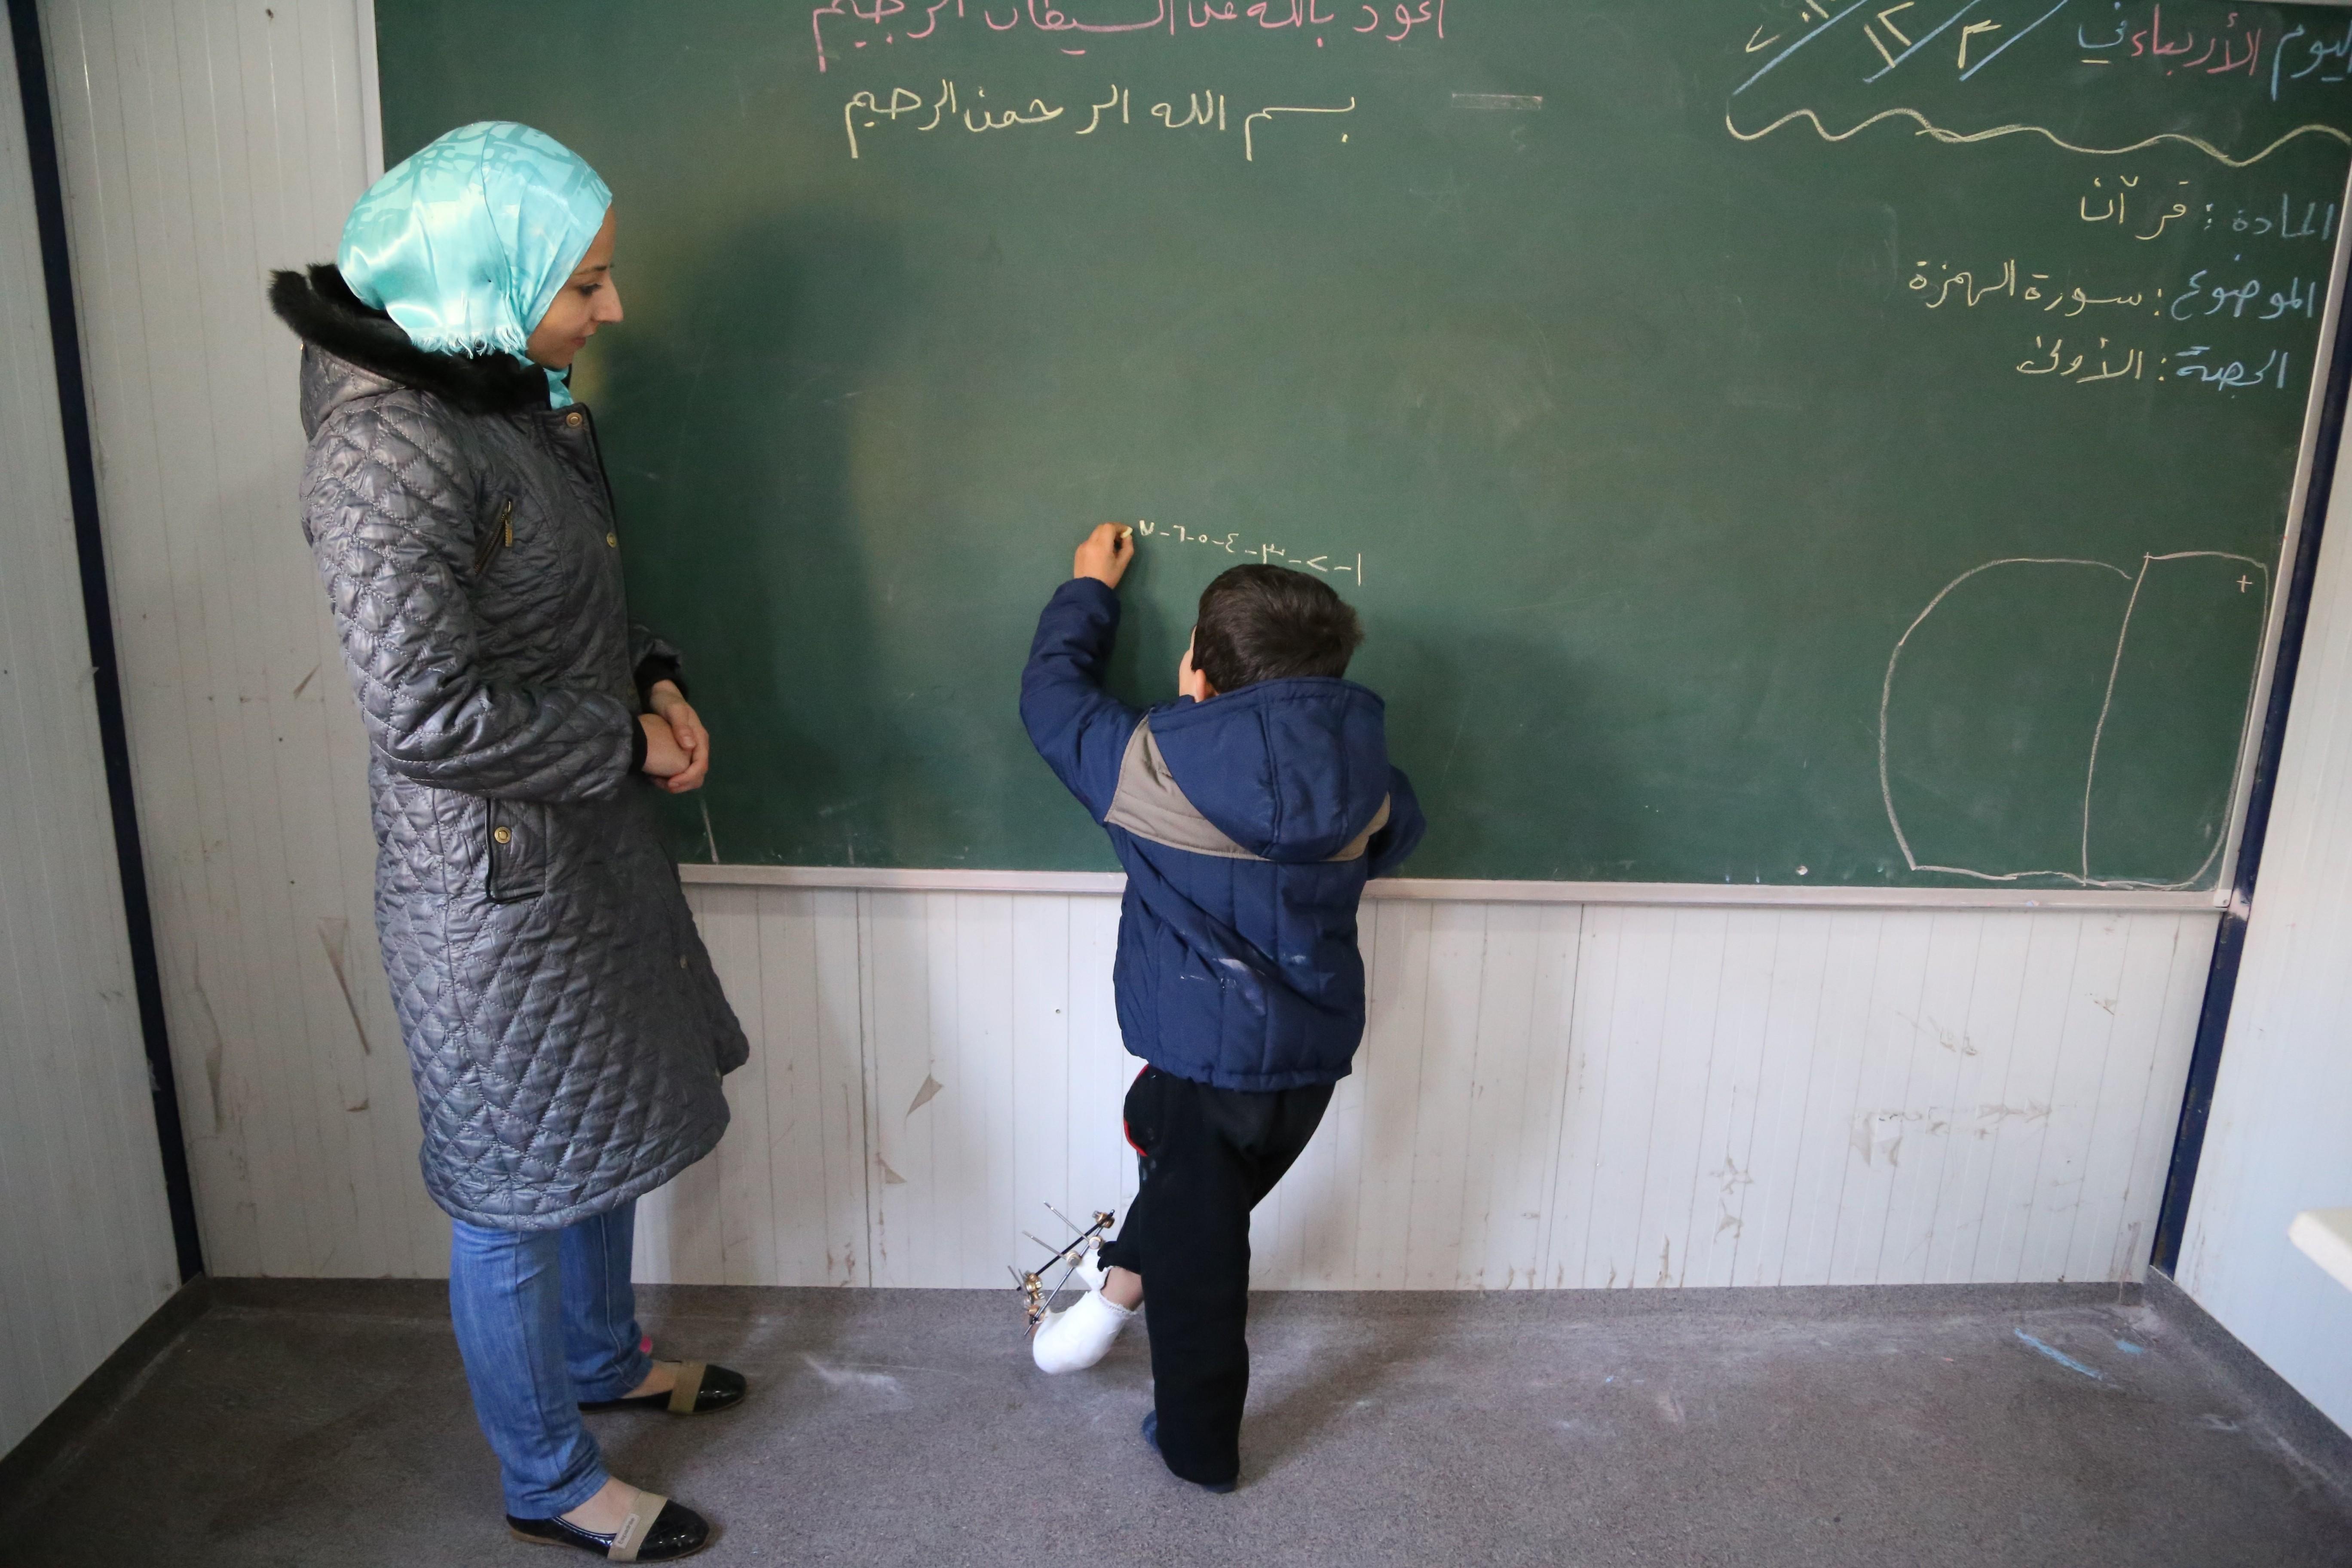 المرأة قيمة أسياسة لصناعة الجيل السوري الجديد – عامر عبد السلام